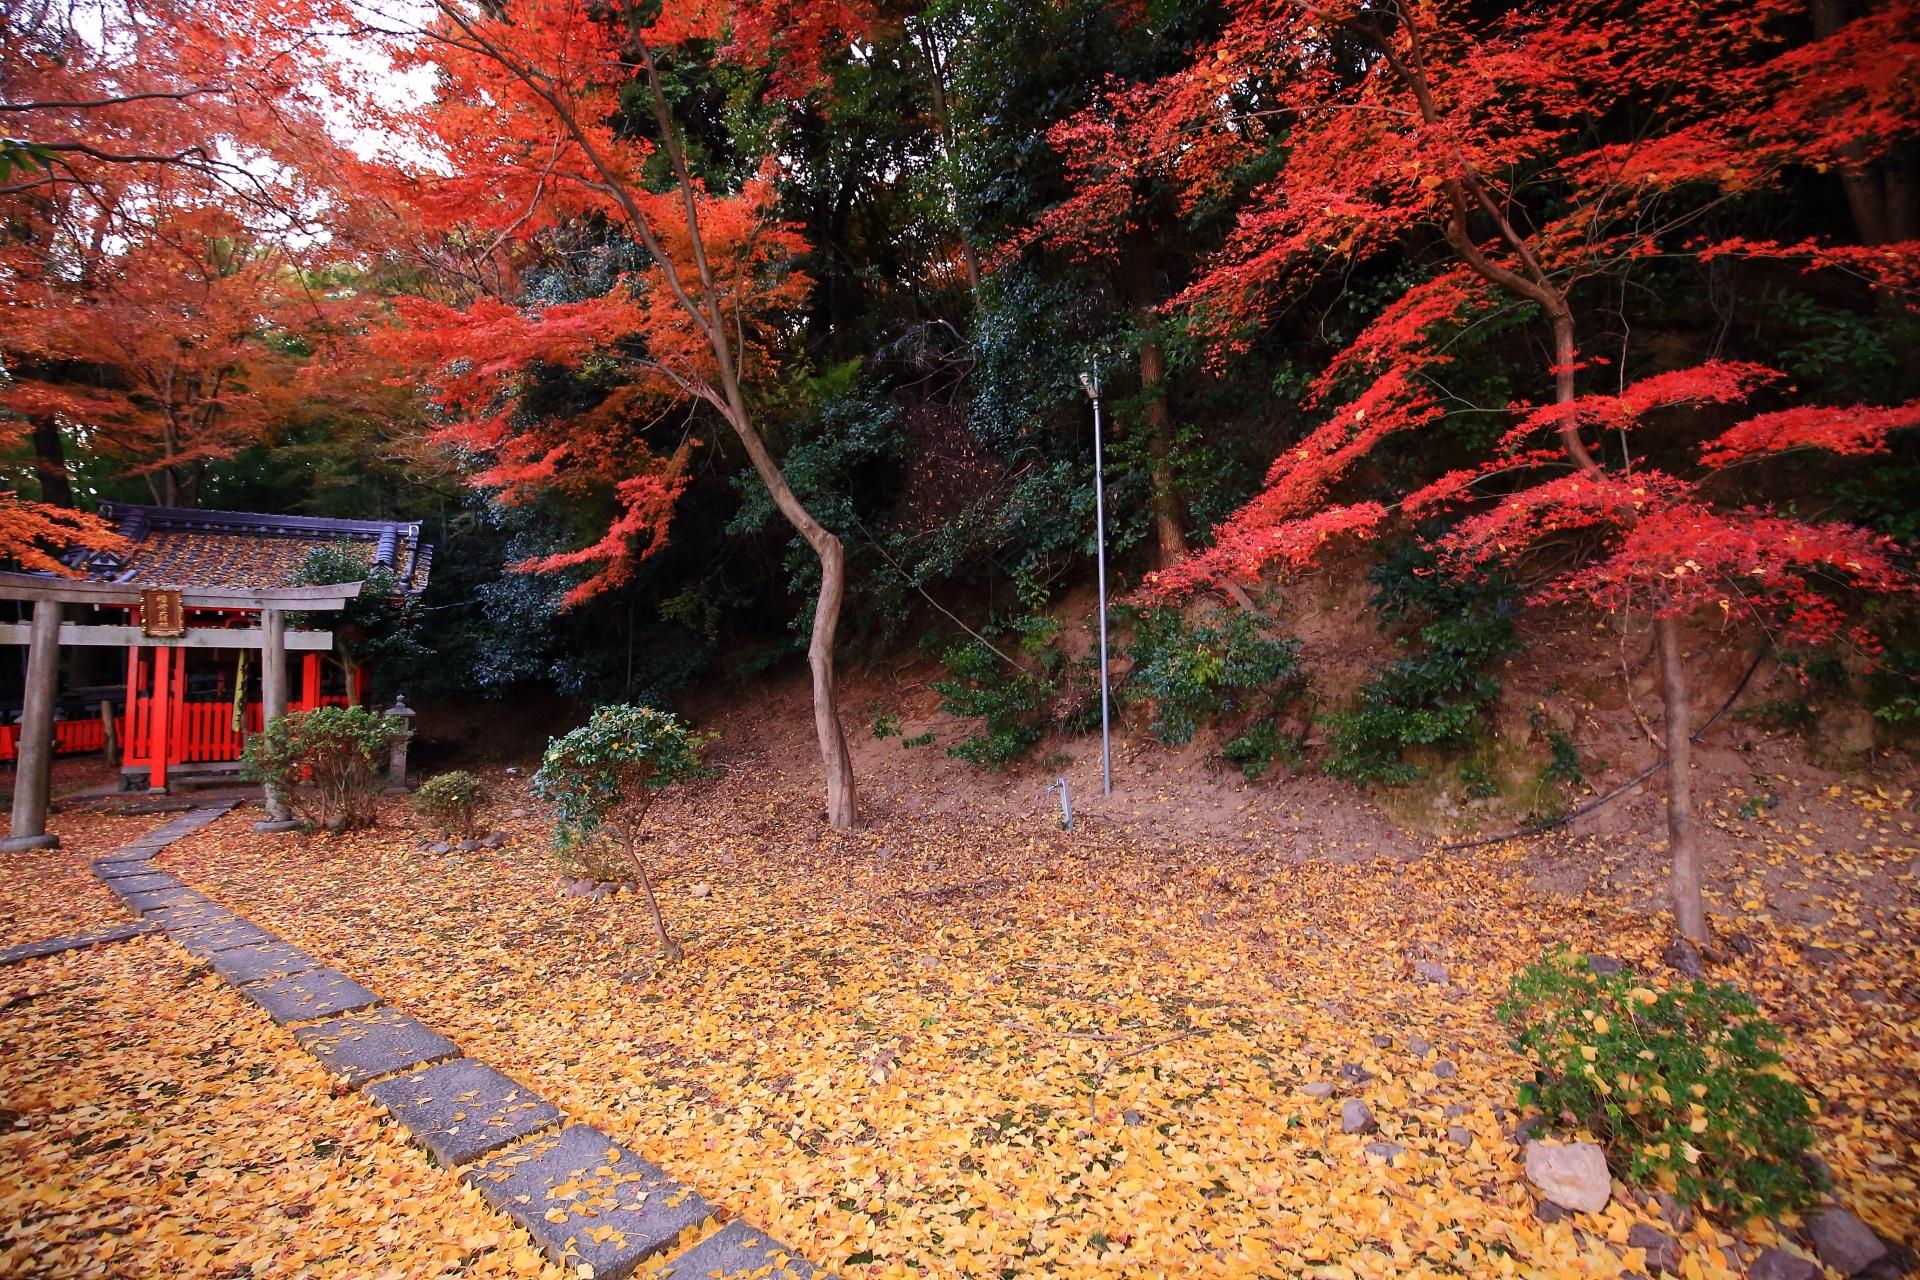 山崎聖天の鎮守社を染める鮮やかな紅葉と淡い散り銀杏